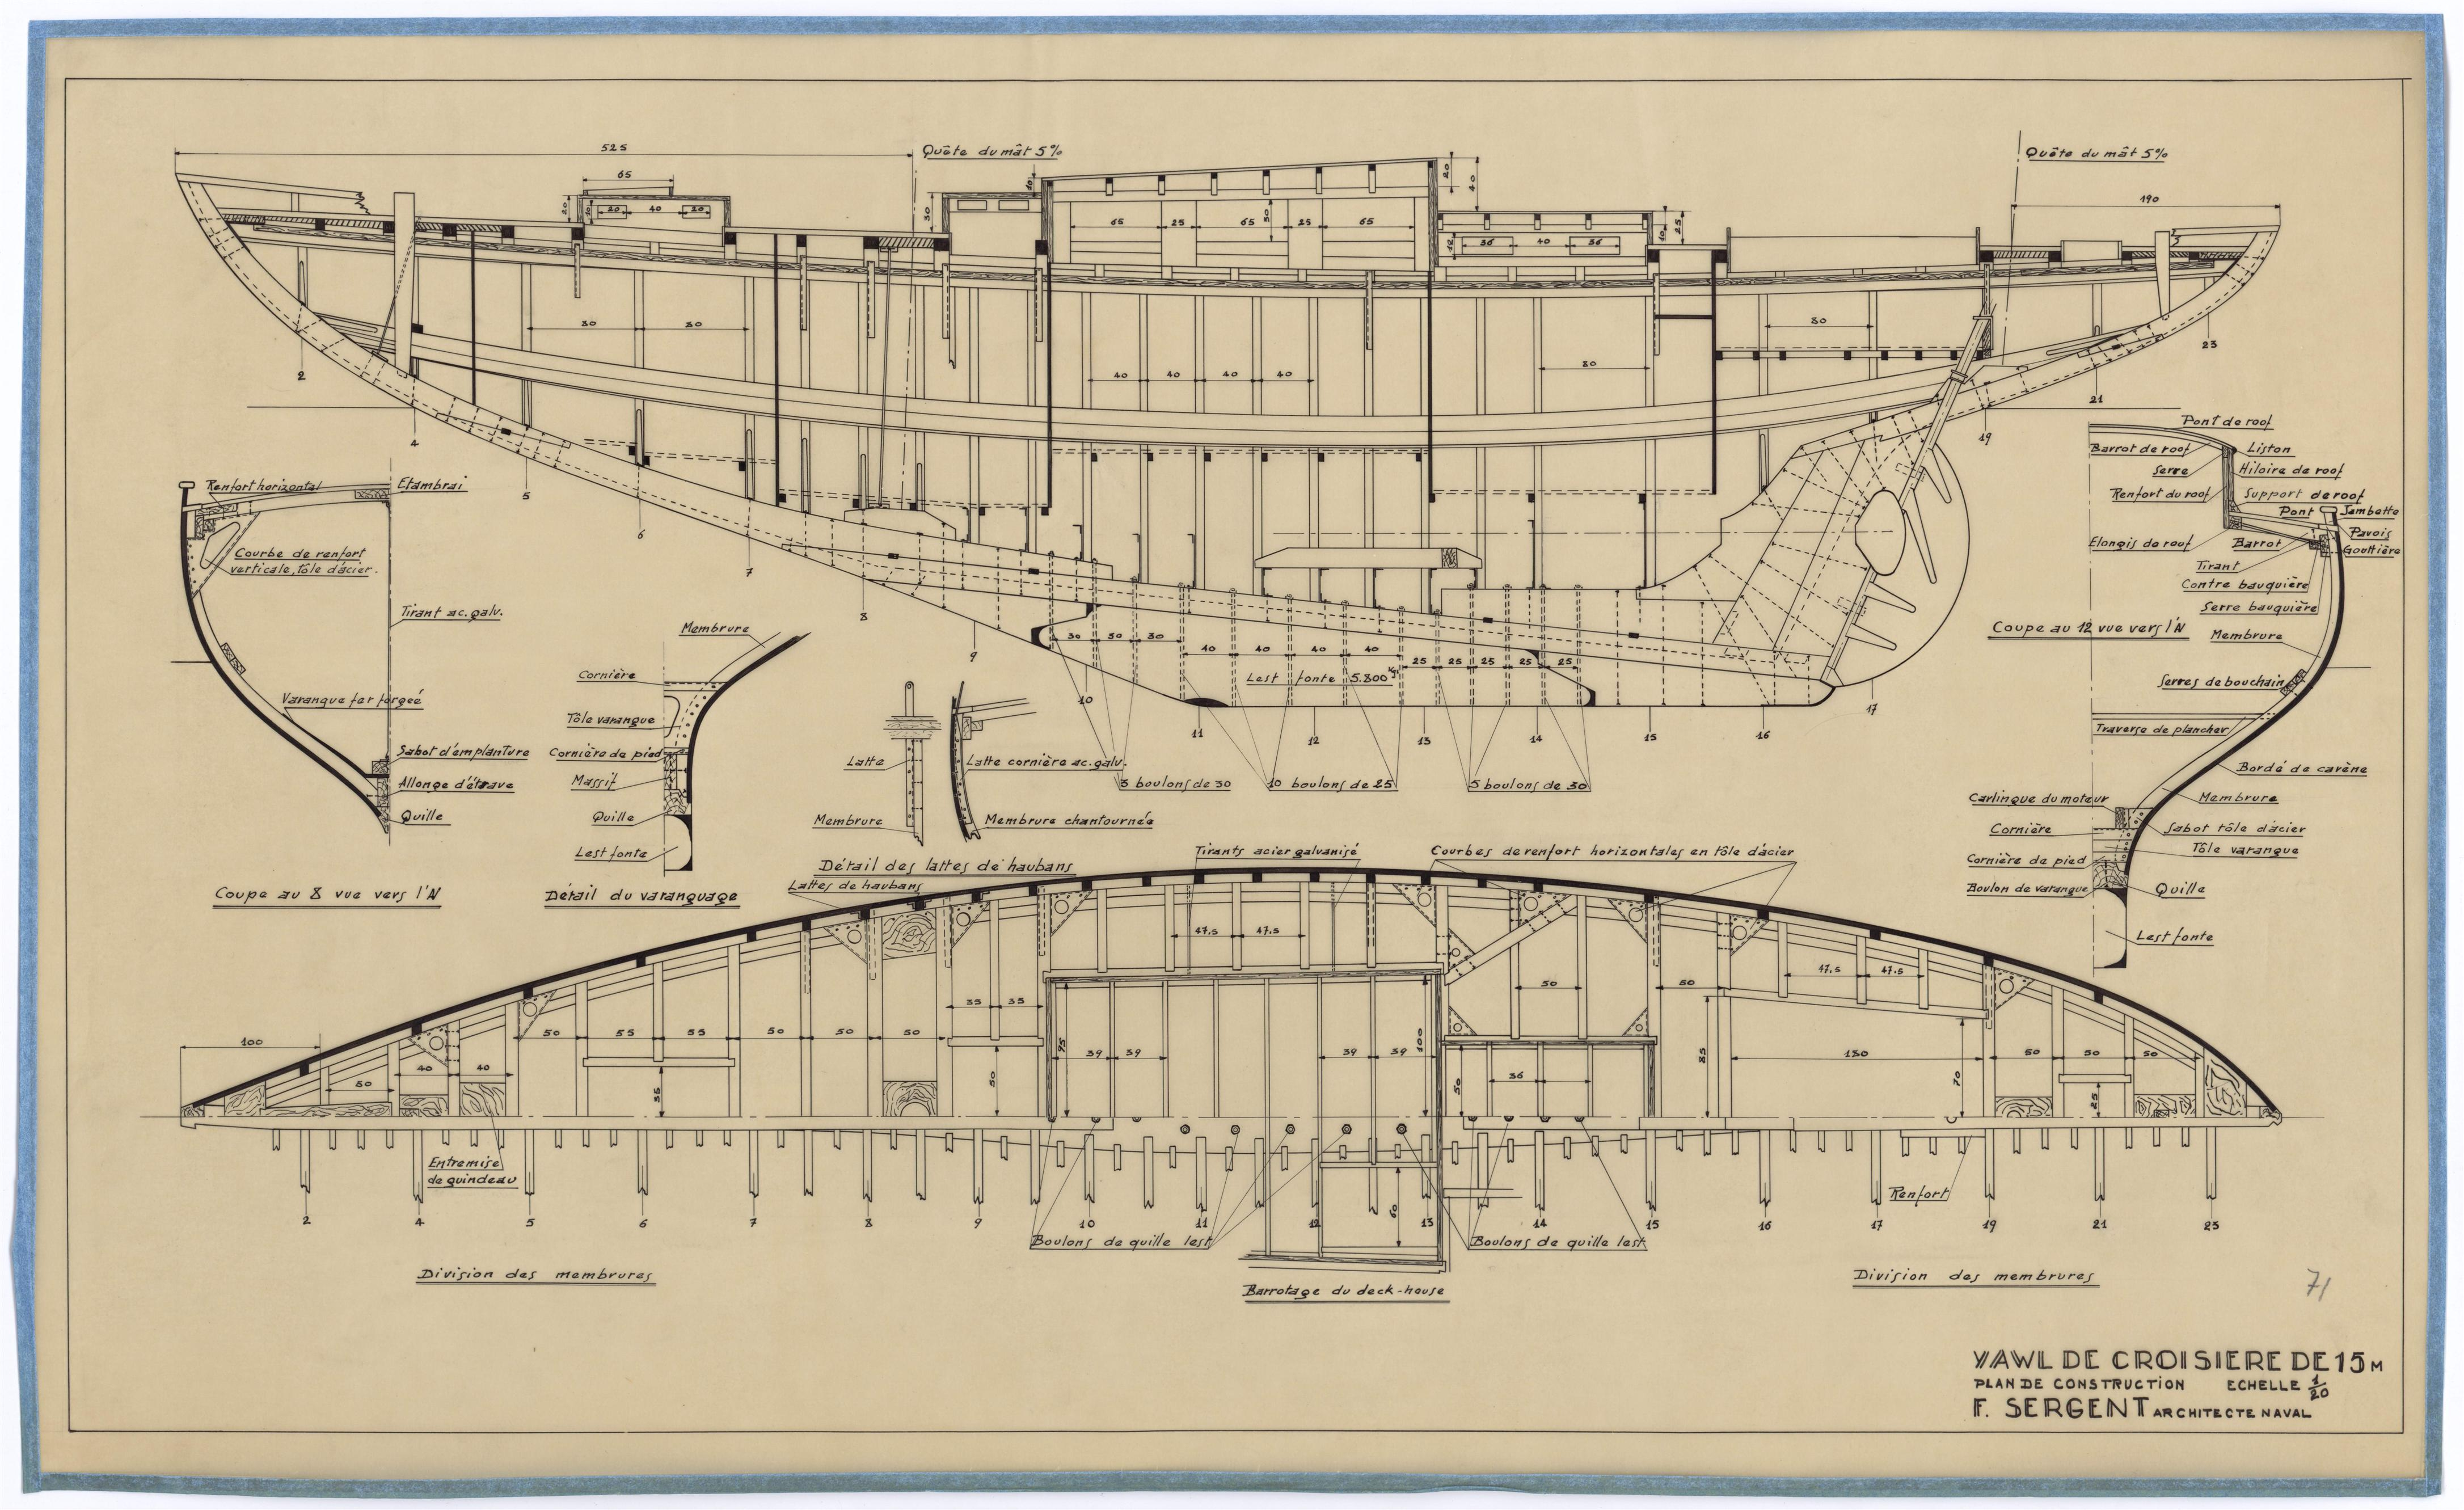 Yawl de croisiere de 15m 1947 mus e maritime de la for Plans de construction